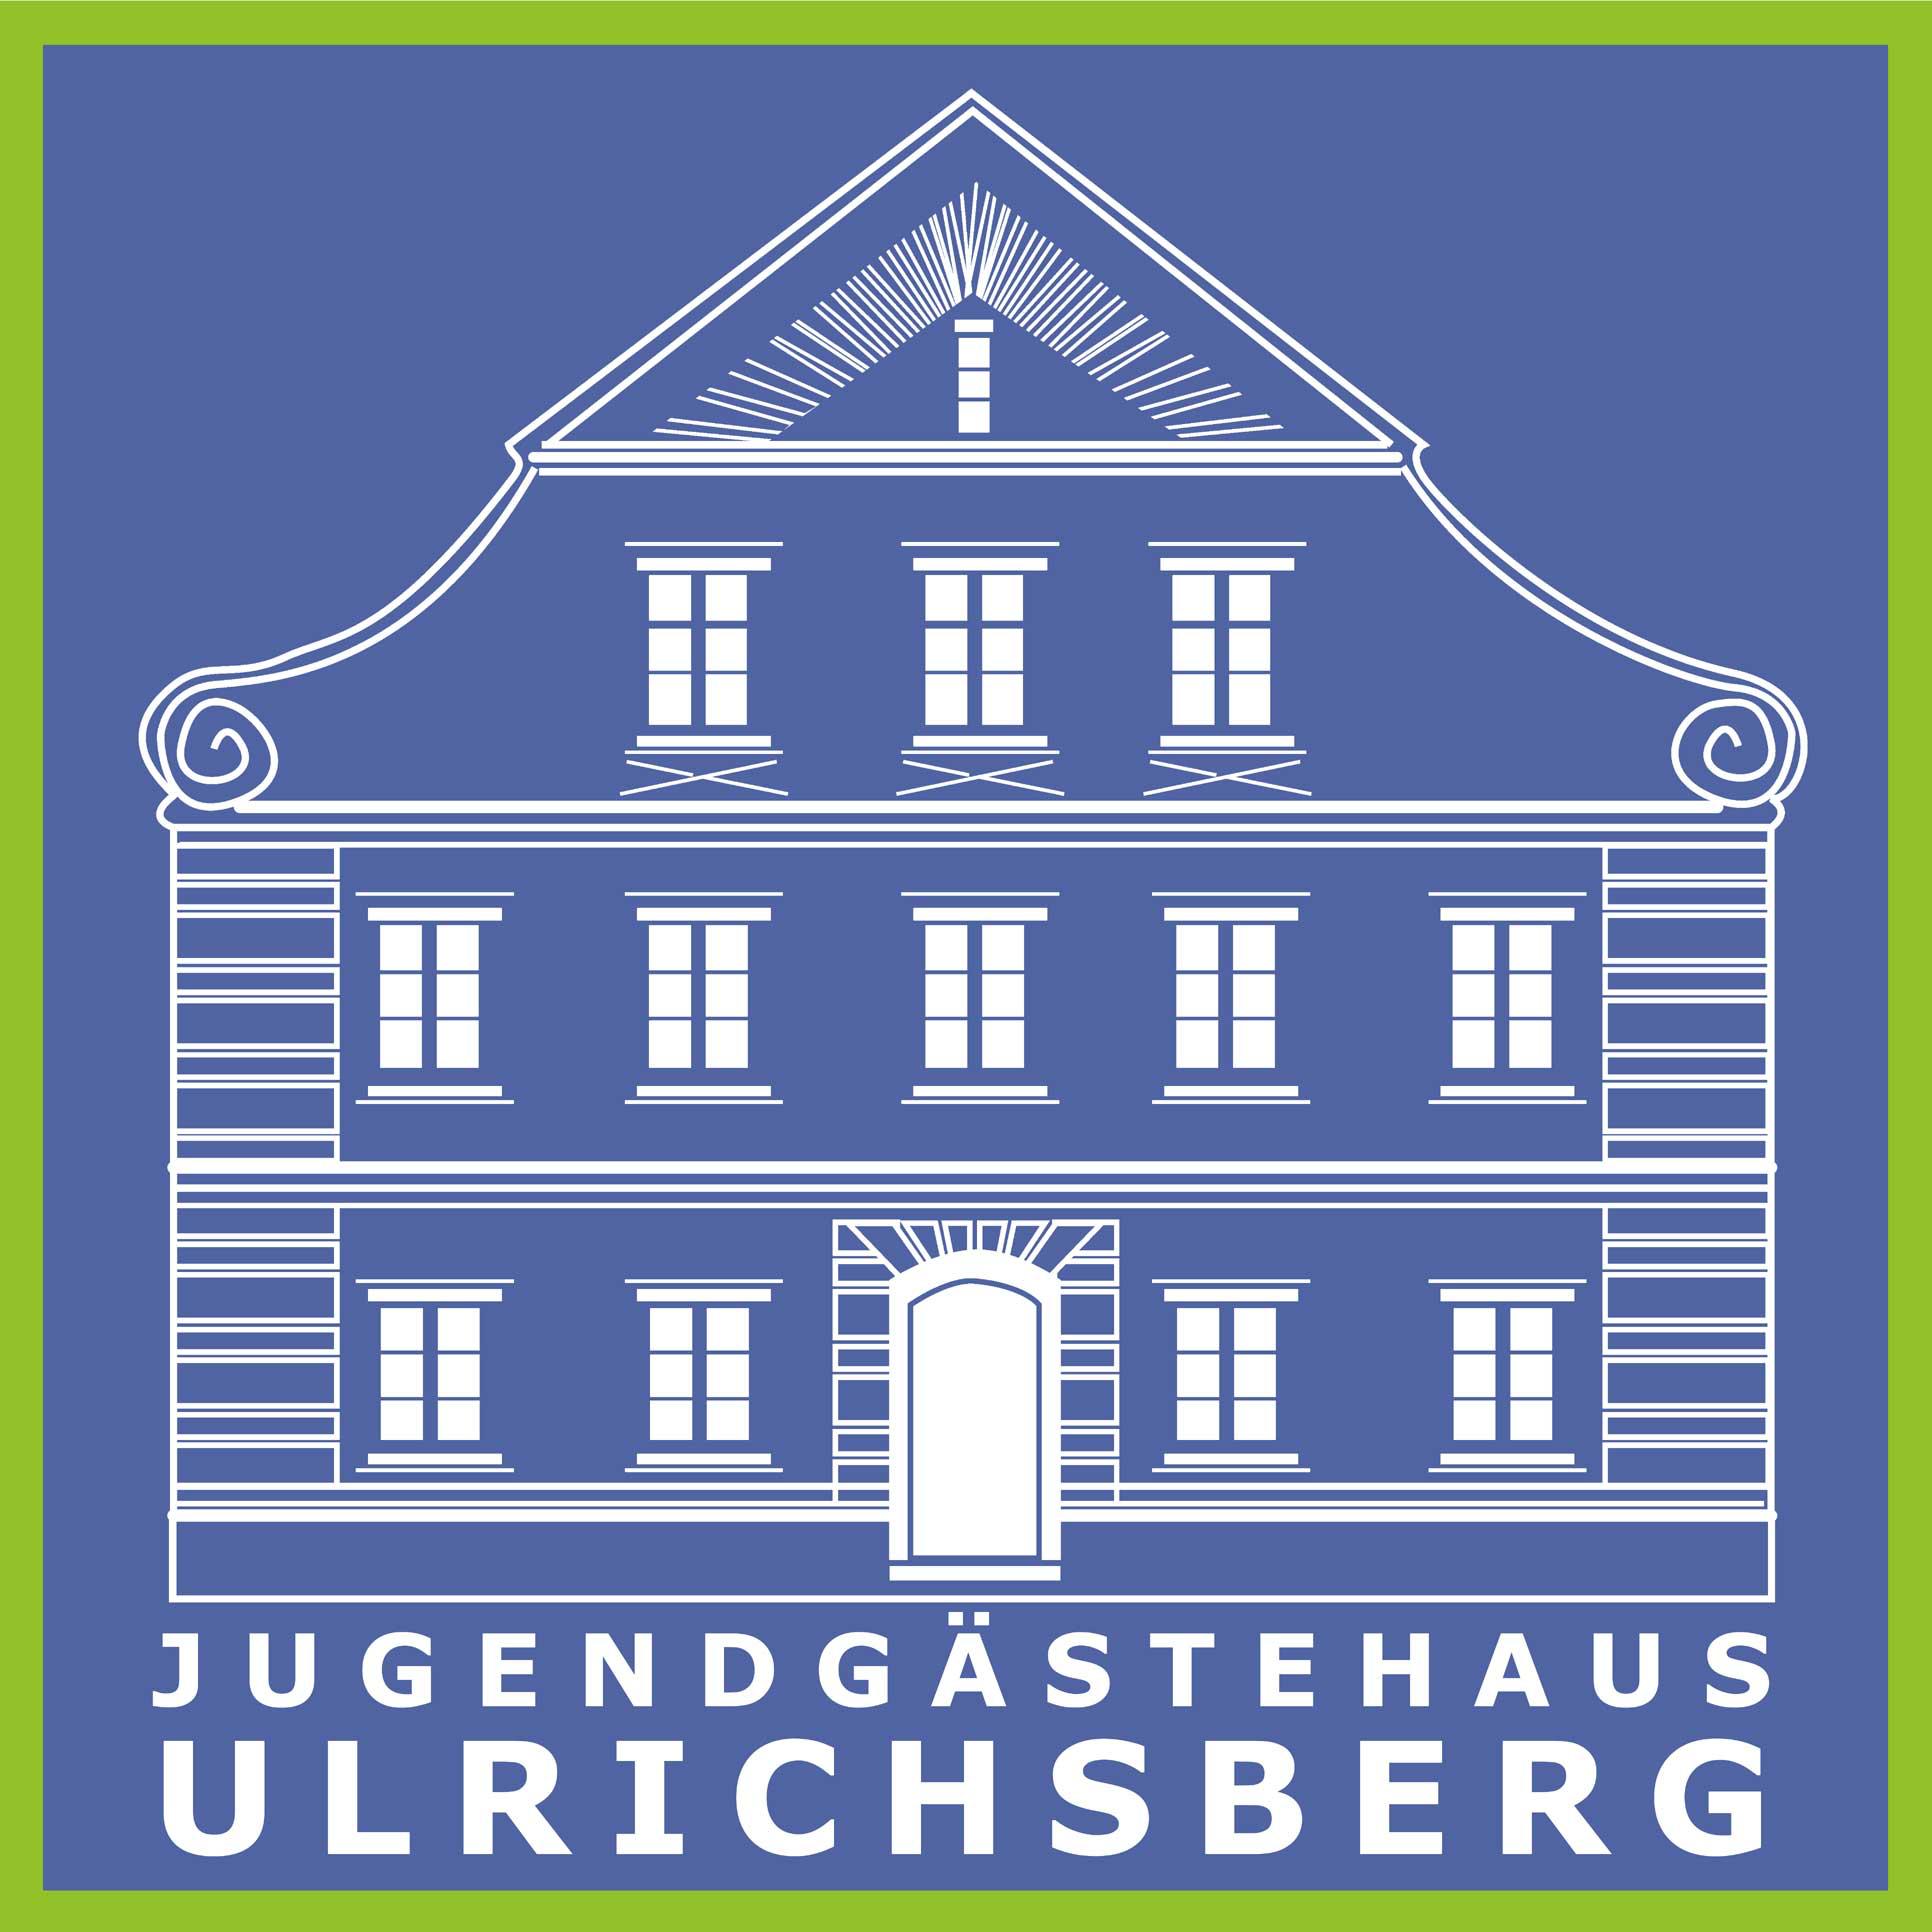 Jugendgästehaus Ulrichsberg Zimmer | Jugendgästehaus in Ulrichsberg Oberösterreich,  Aigen-Schlägl,Jugendherberge,Matratzenlager,Bioschule Aigen Schlägl,Gruppen,Internetcafe,Catering,W-Lan,Freizeitangebote